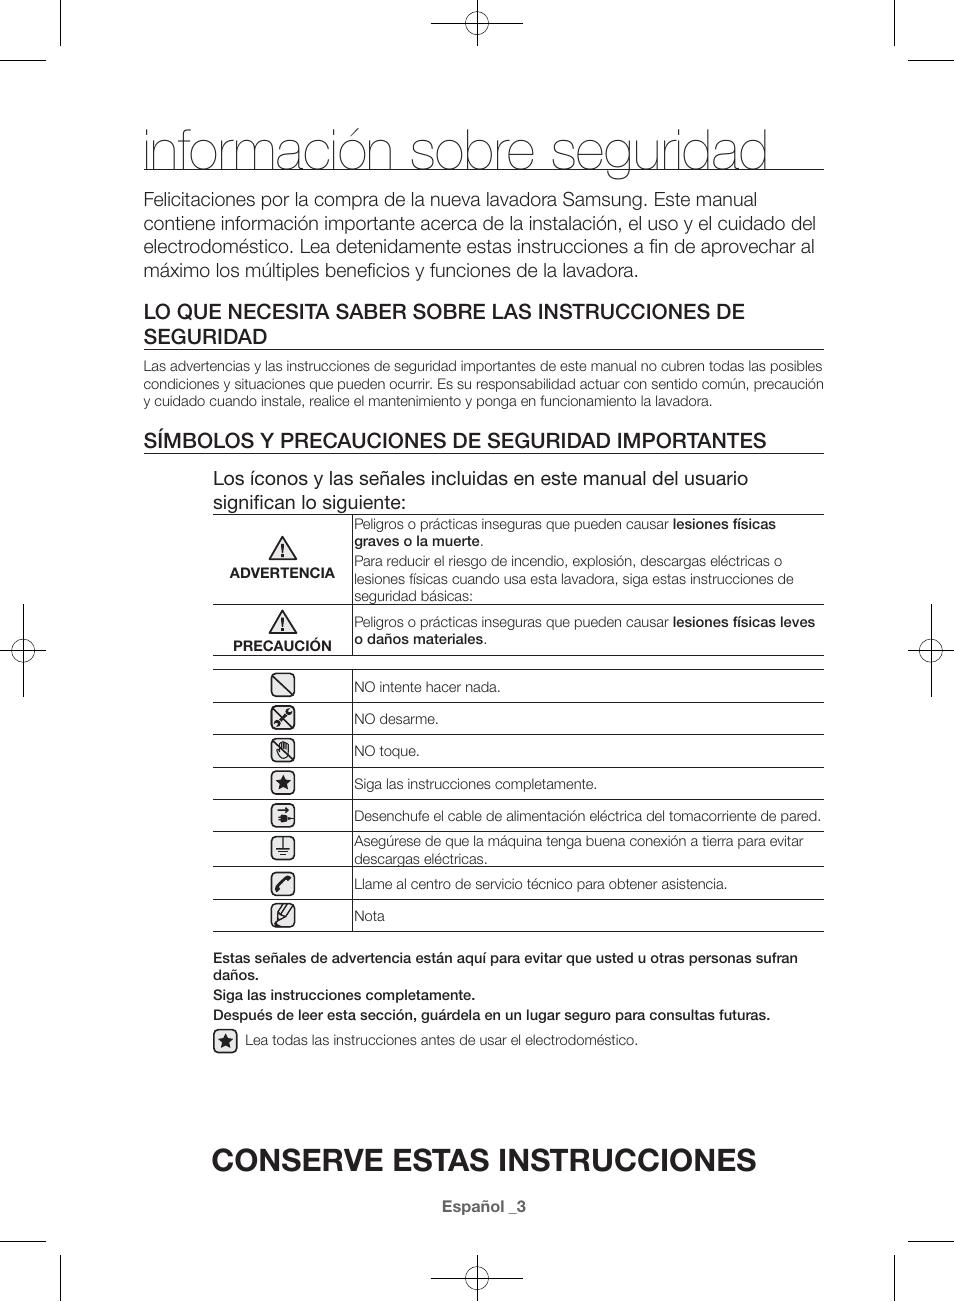 informaci n sobre seguridad conserve estas instrucciones s mbolos rh manualsdir com manual de instrucciones samsung galaxy j5 manual de instrucciones samsung j7 prime